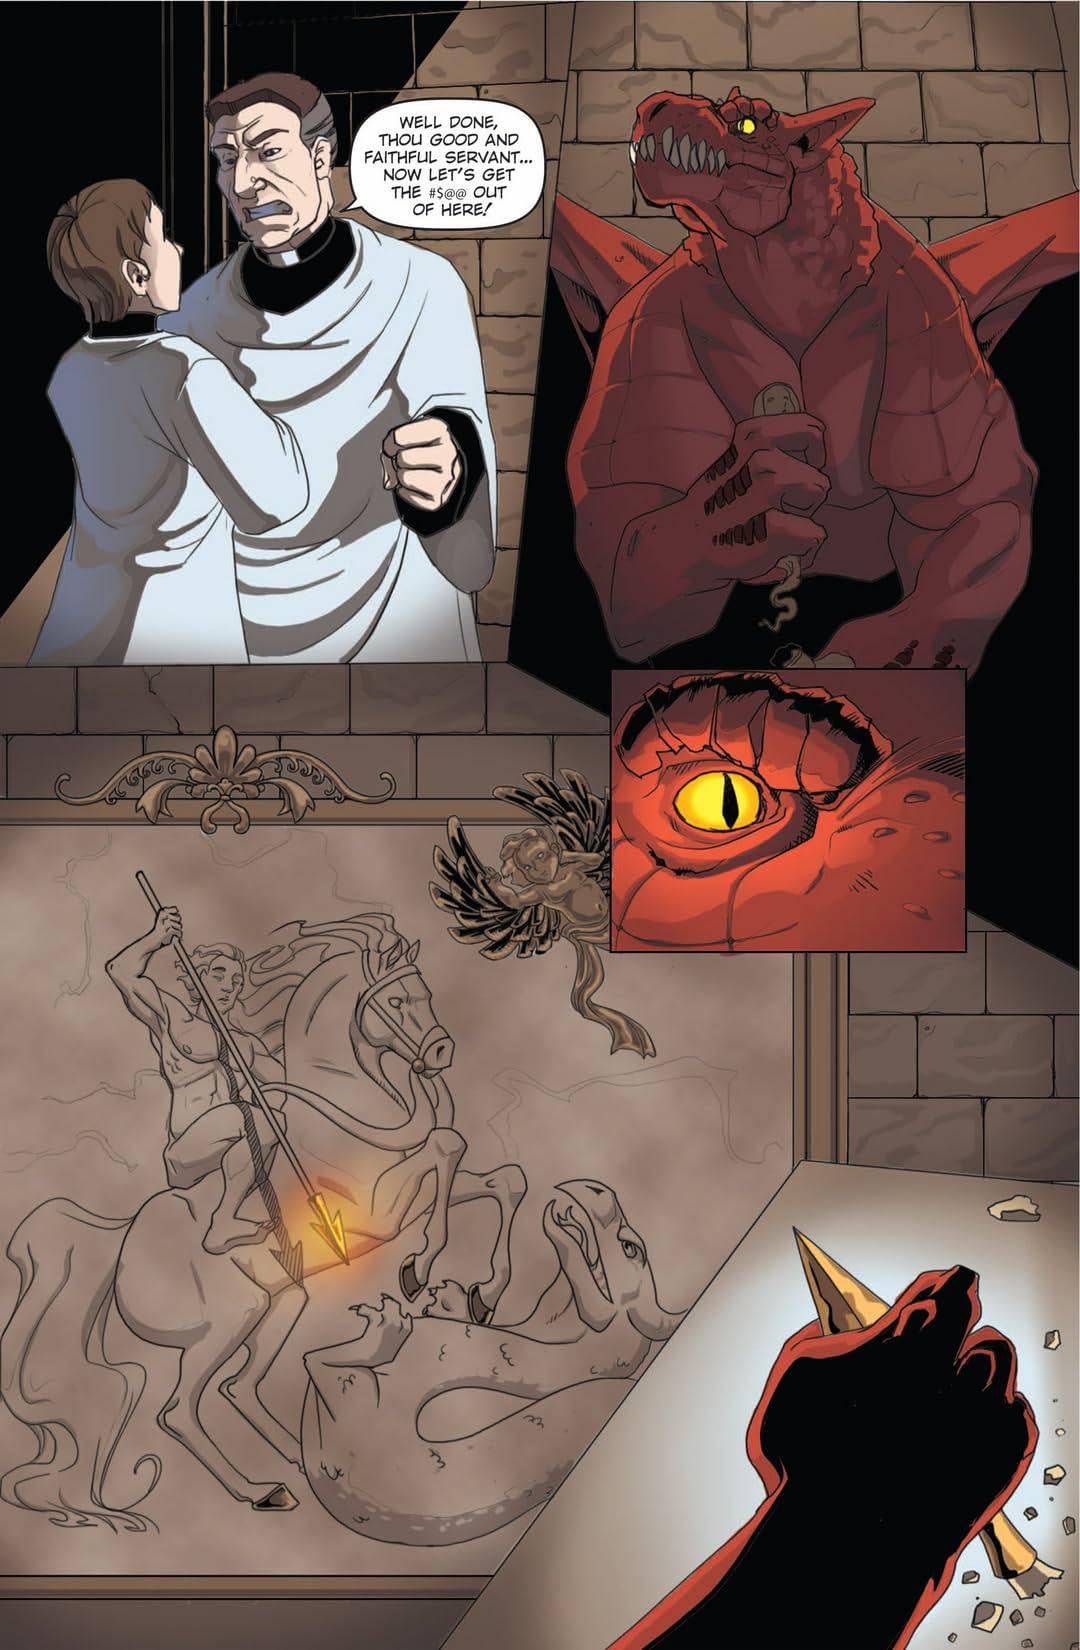 Fafnir the Dragon #1